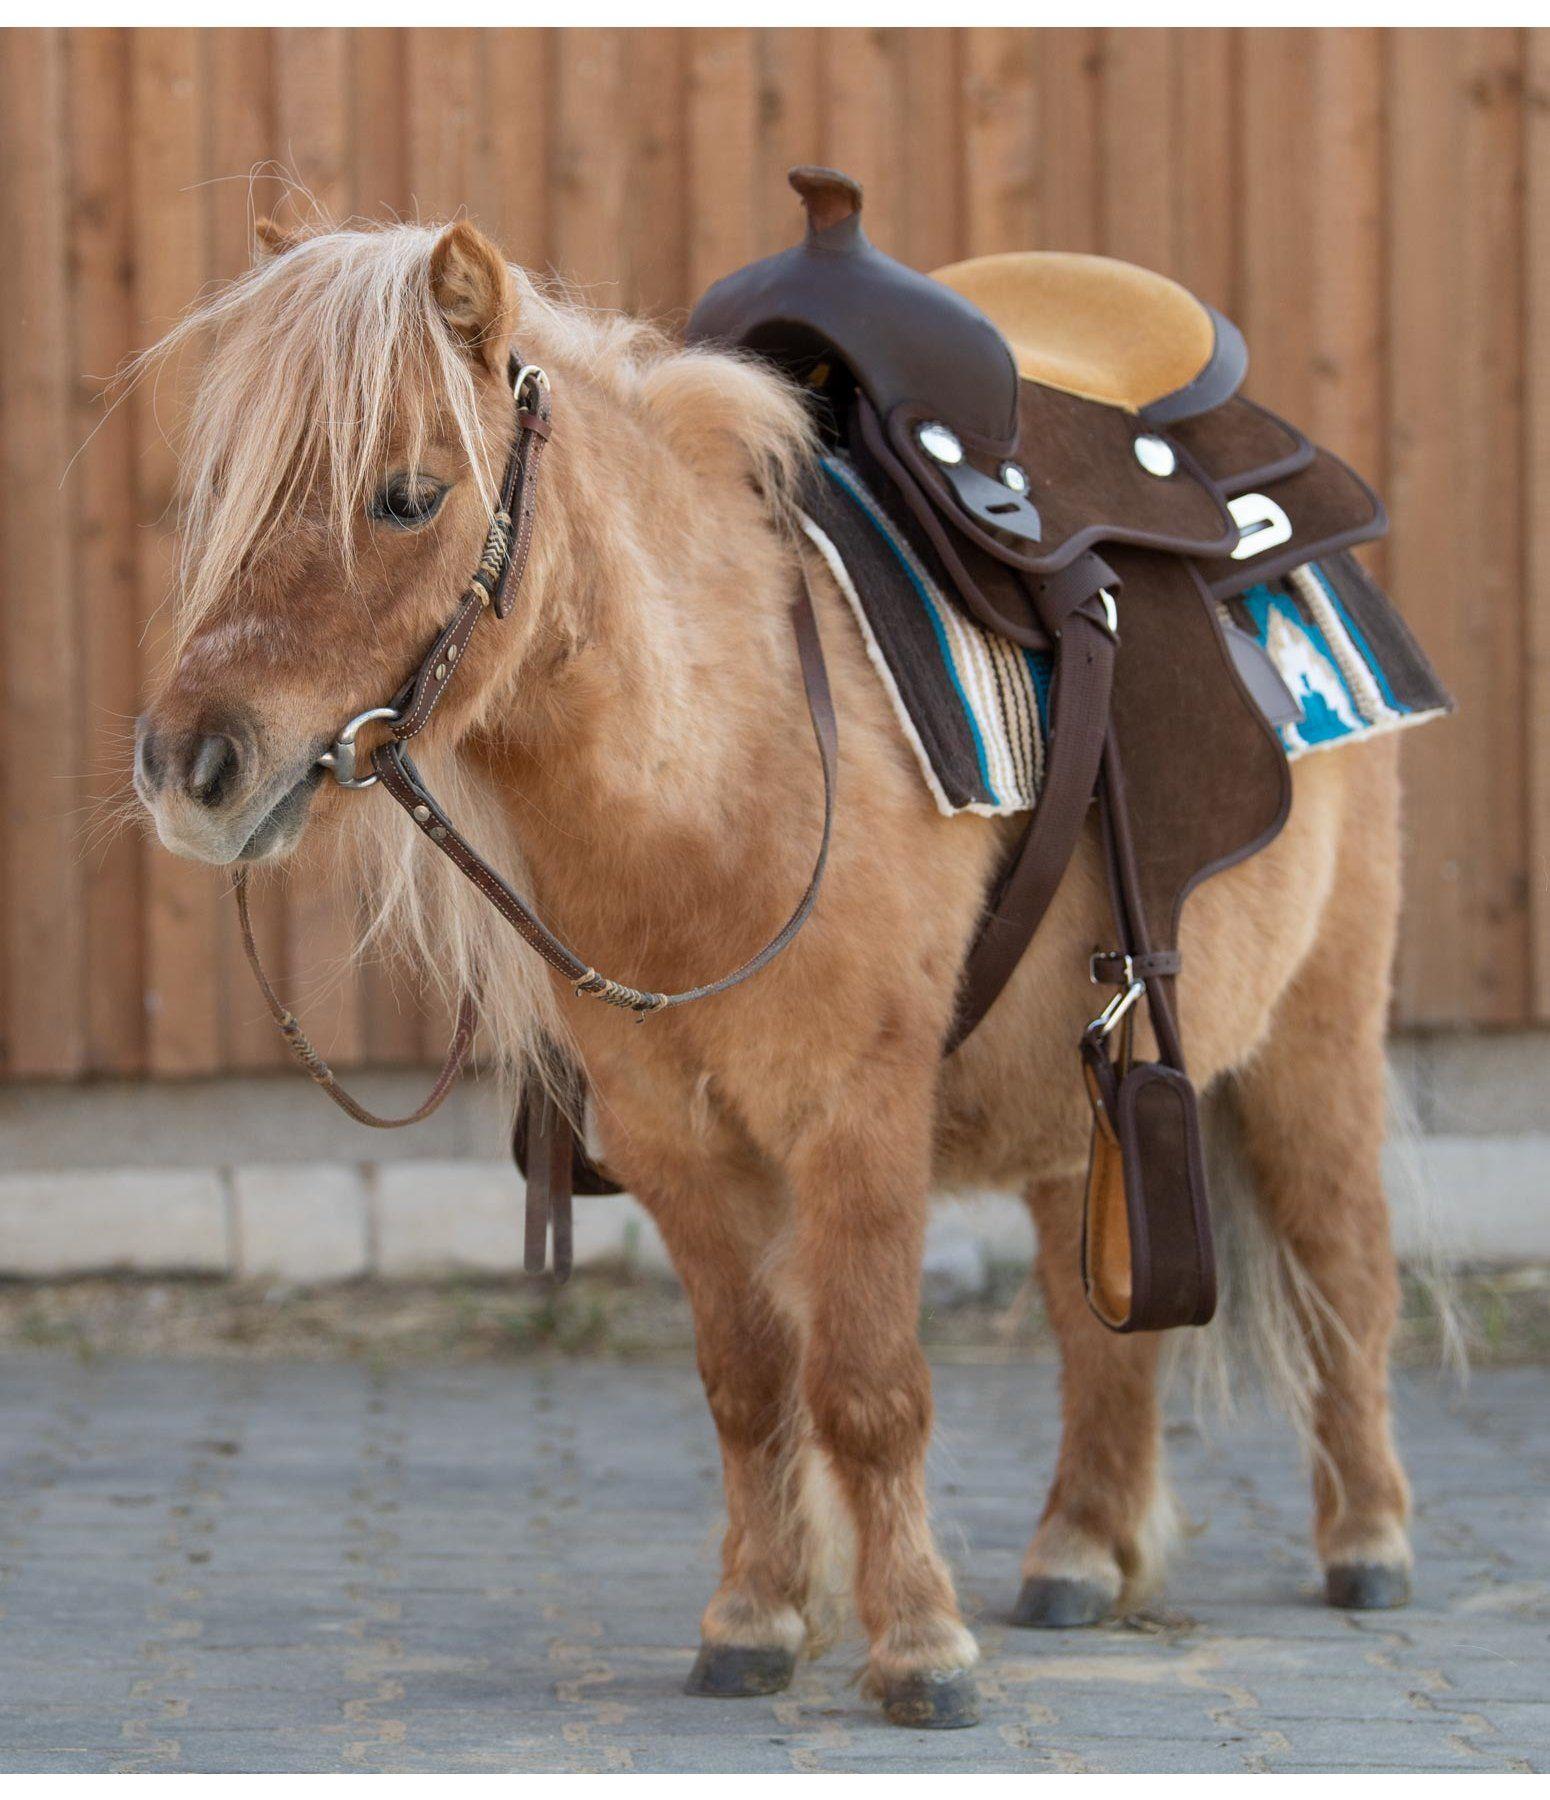 Pony Westernsattel - Westernsättel - Krämer Pferdesport #cowboysandcowgirls